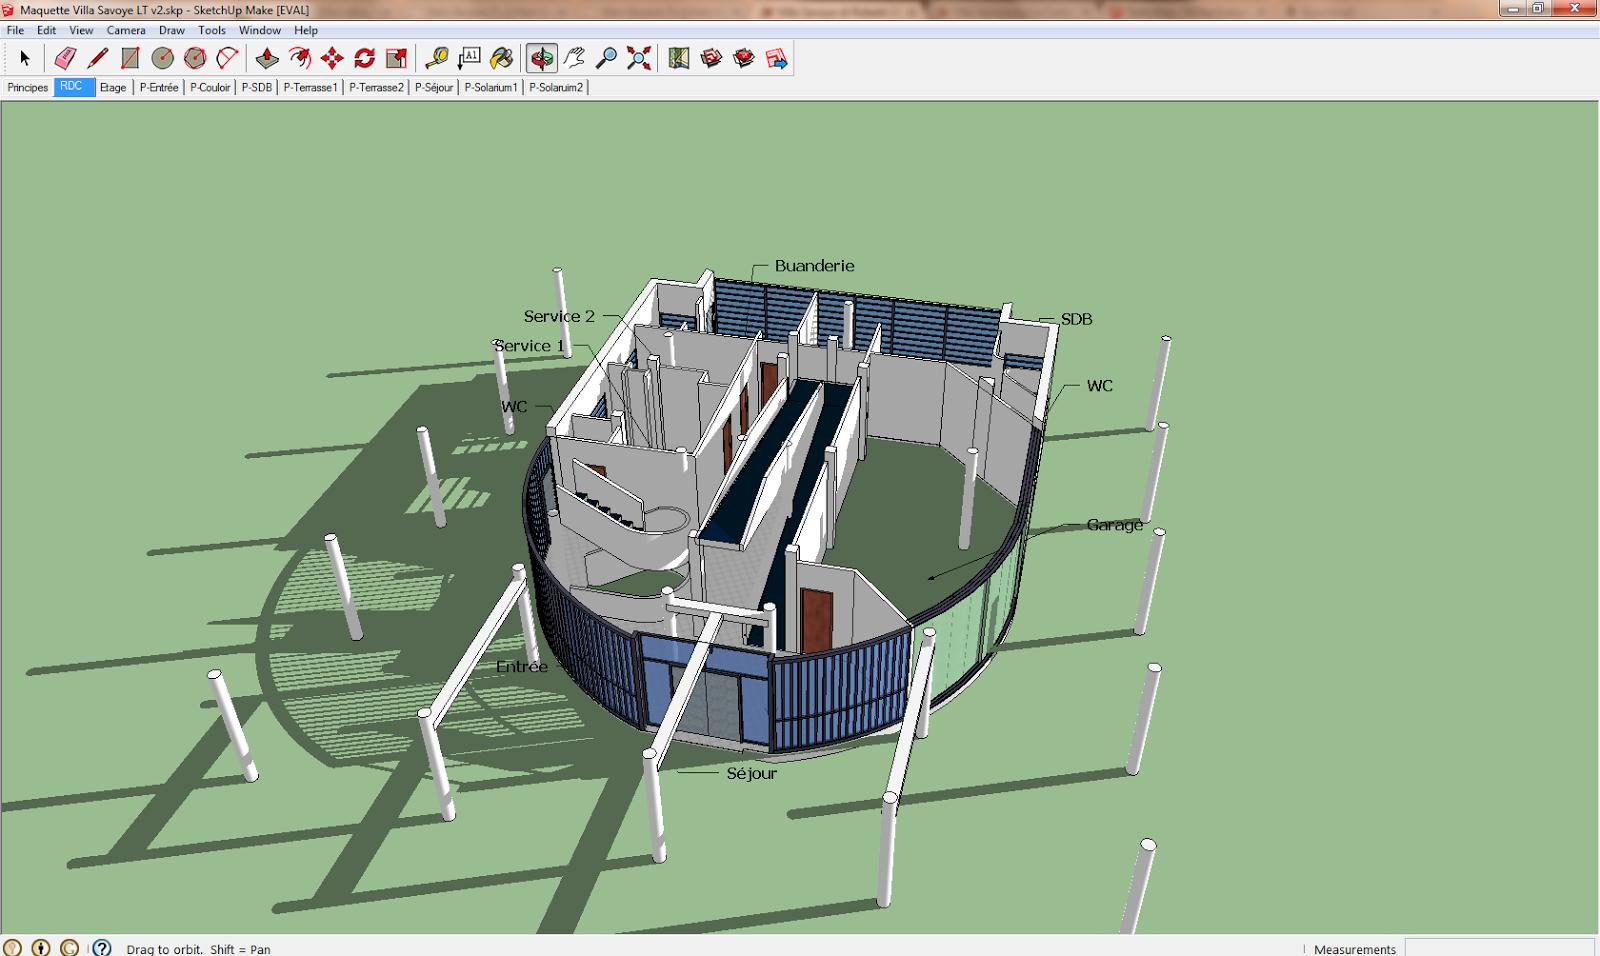 prospettiva accidentale villa savoye modelli 3d per sketchup. Black Bedroom Furniture Sets. Home Design Ideas